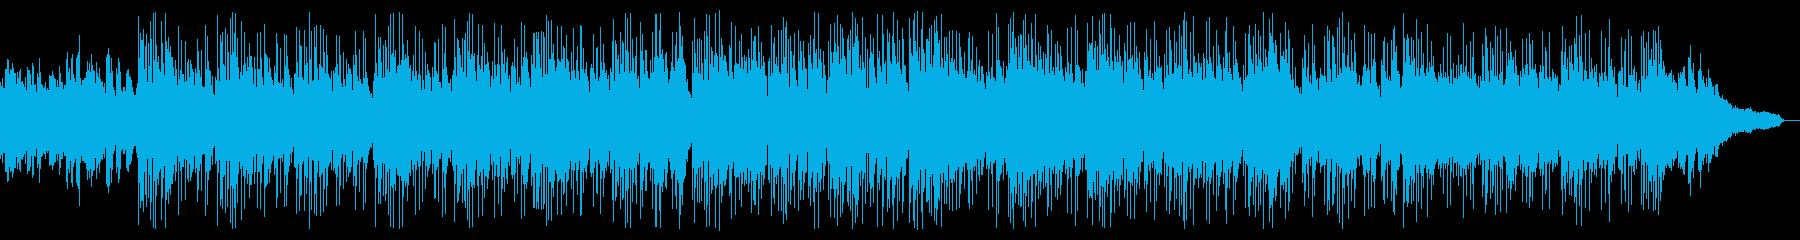 宇宙空間・波のようなピアノ曲の再生済みの波形